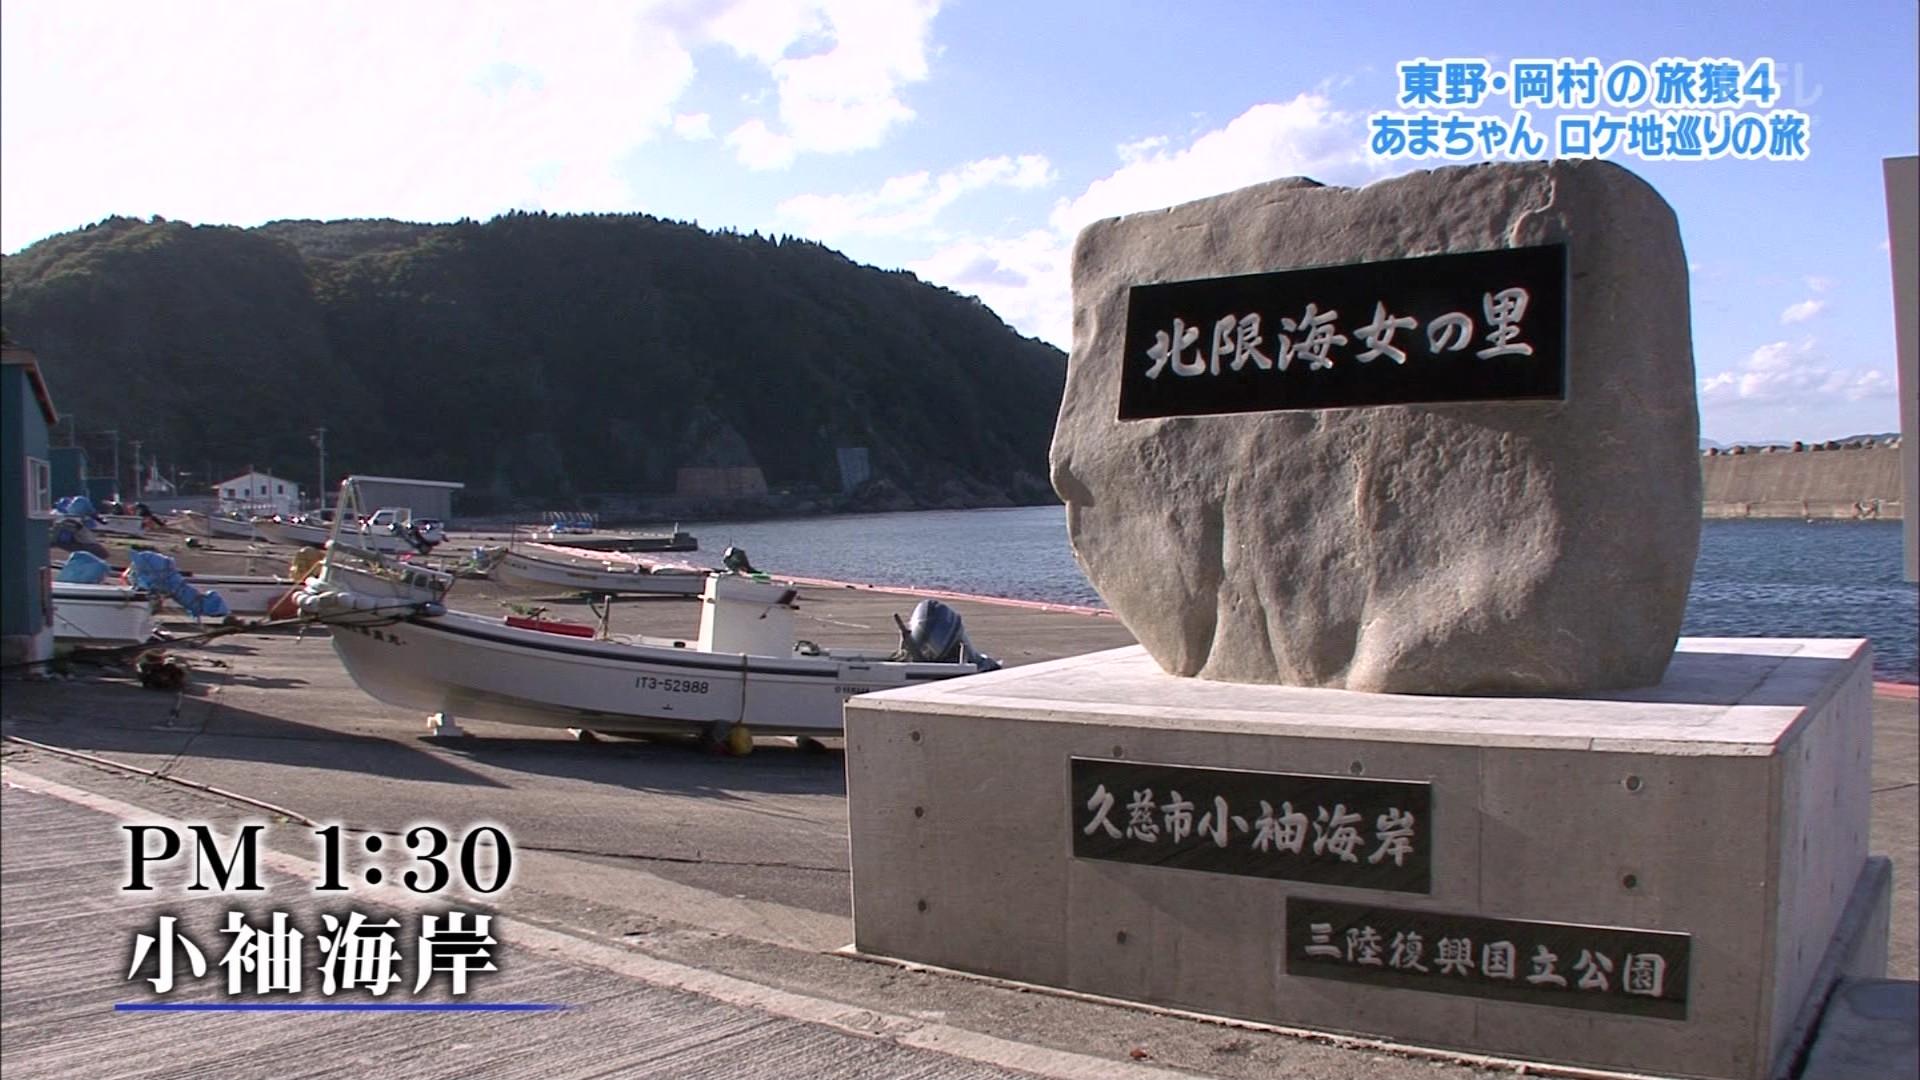 こんなテレビを見た。  東野・岡村の旅猿4 「あまちゃんロケ地巡りの旅」3週目コメント